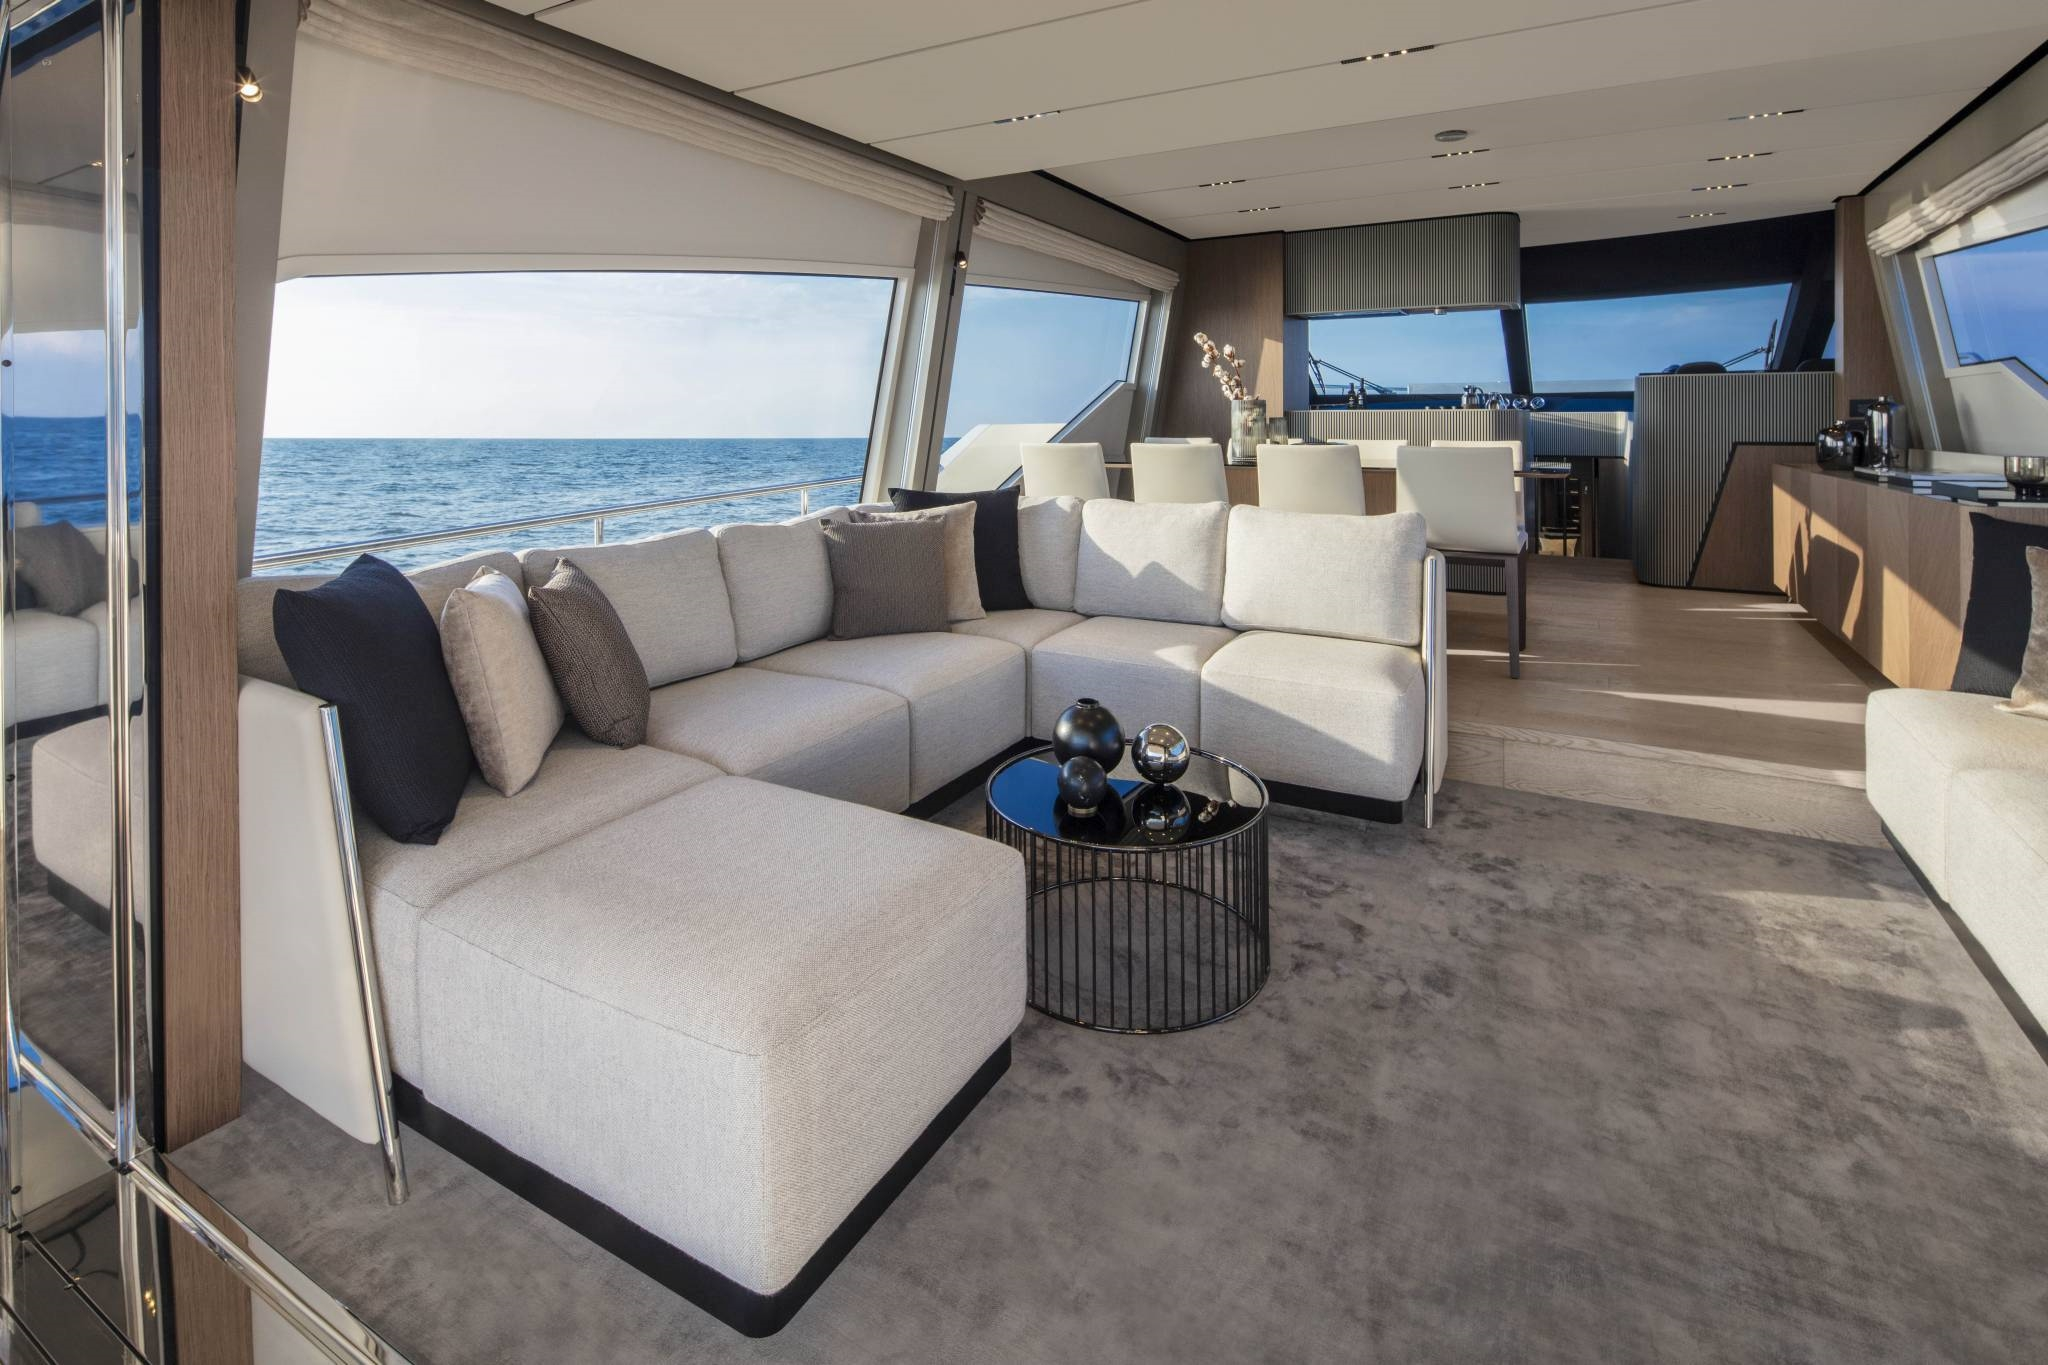 Ferretti Yachts 720, samt andra exklusiva motorbåtar och lyxiga yachts, presenteras på vår sajt.